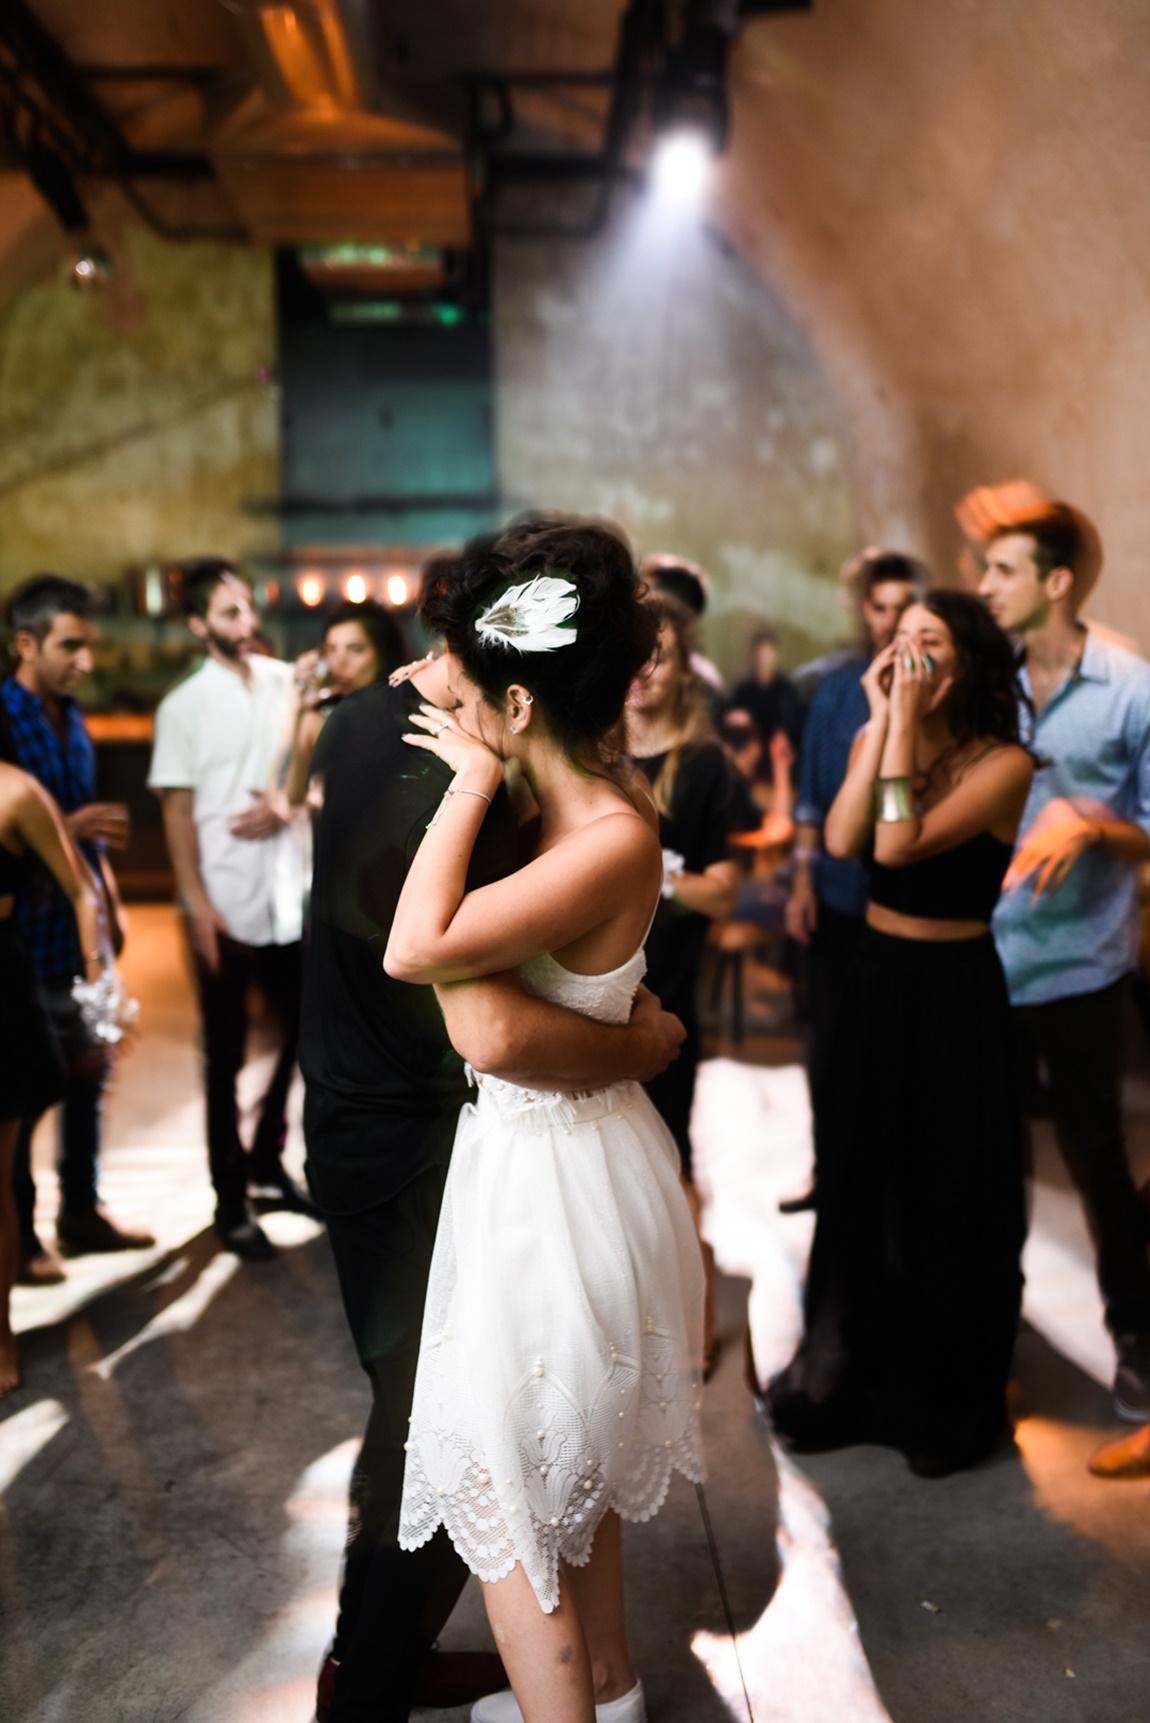 CHEERS: הברים (ומסעדה) הכי שווים לחתונה